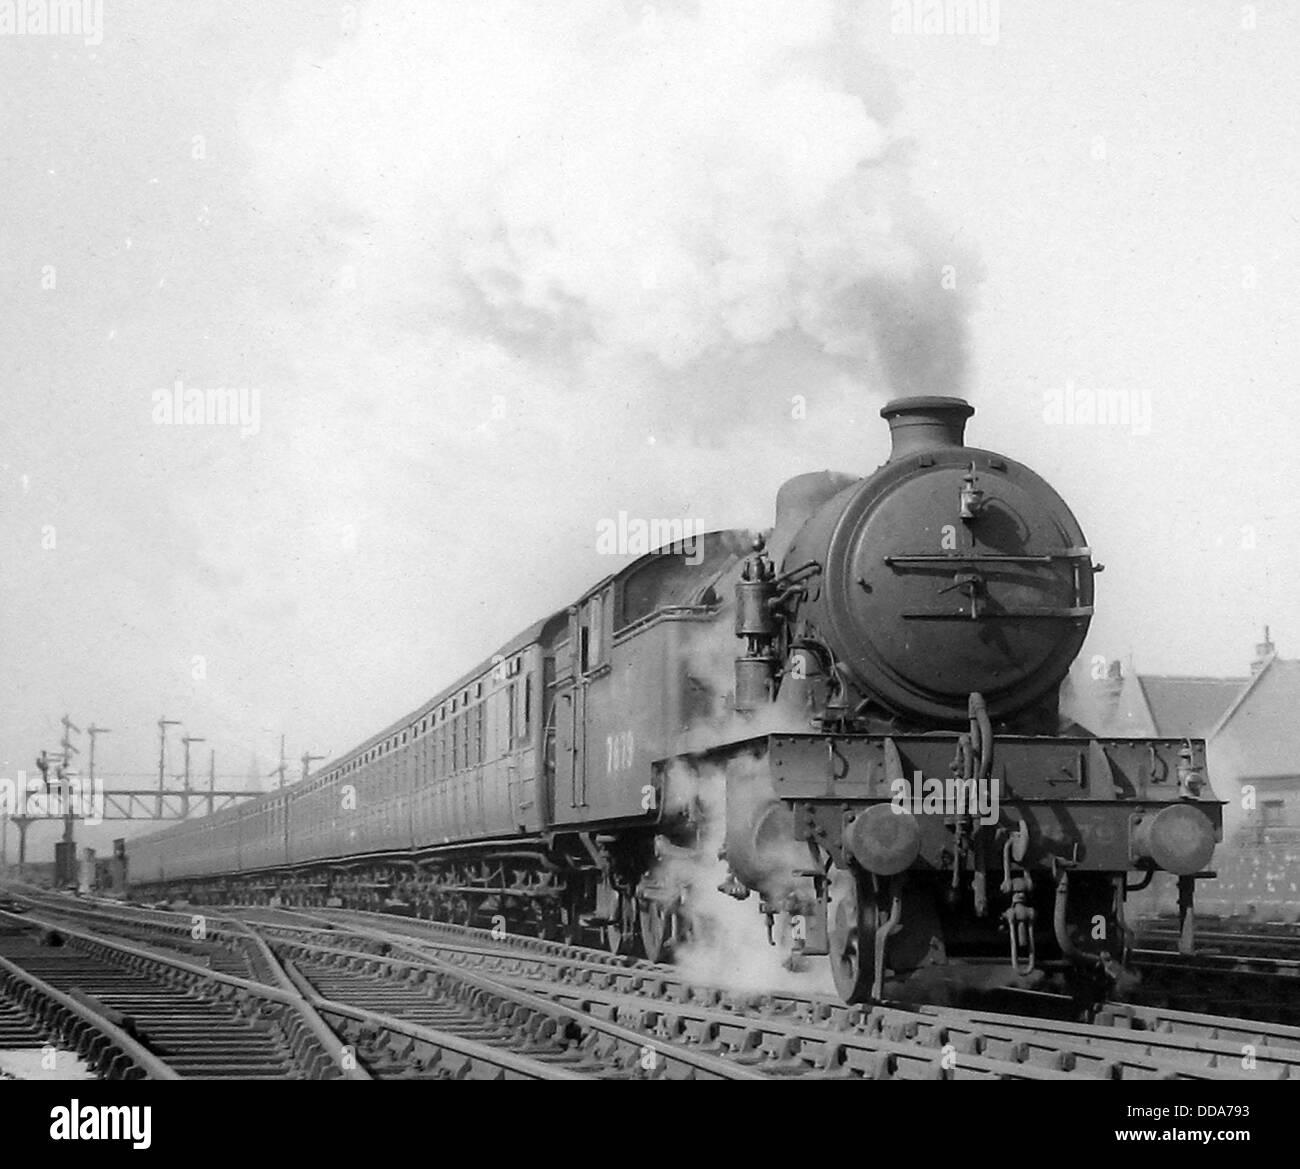 Locomotiva a vapore n. 7679 eventualmente 1930 Immagini Stock